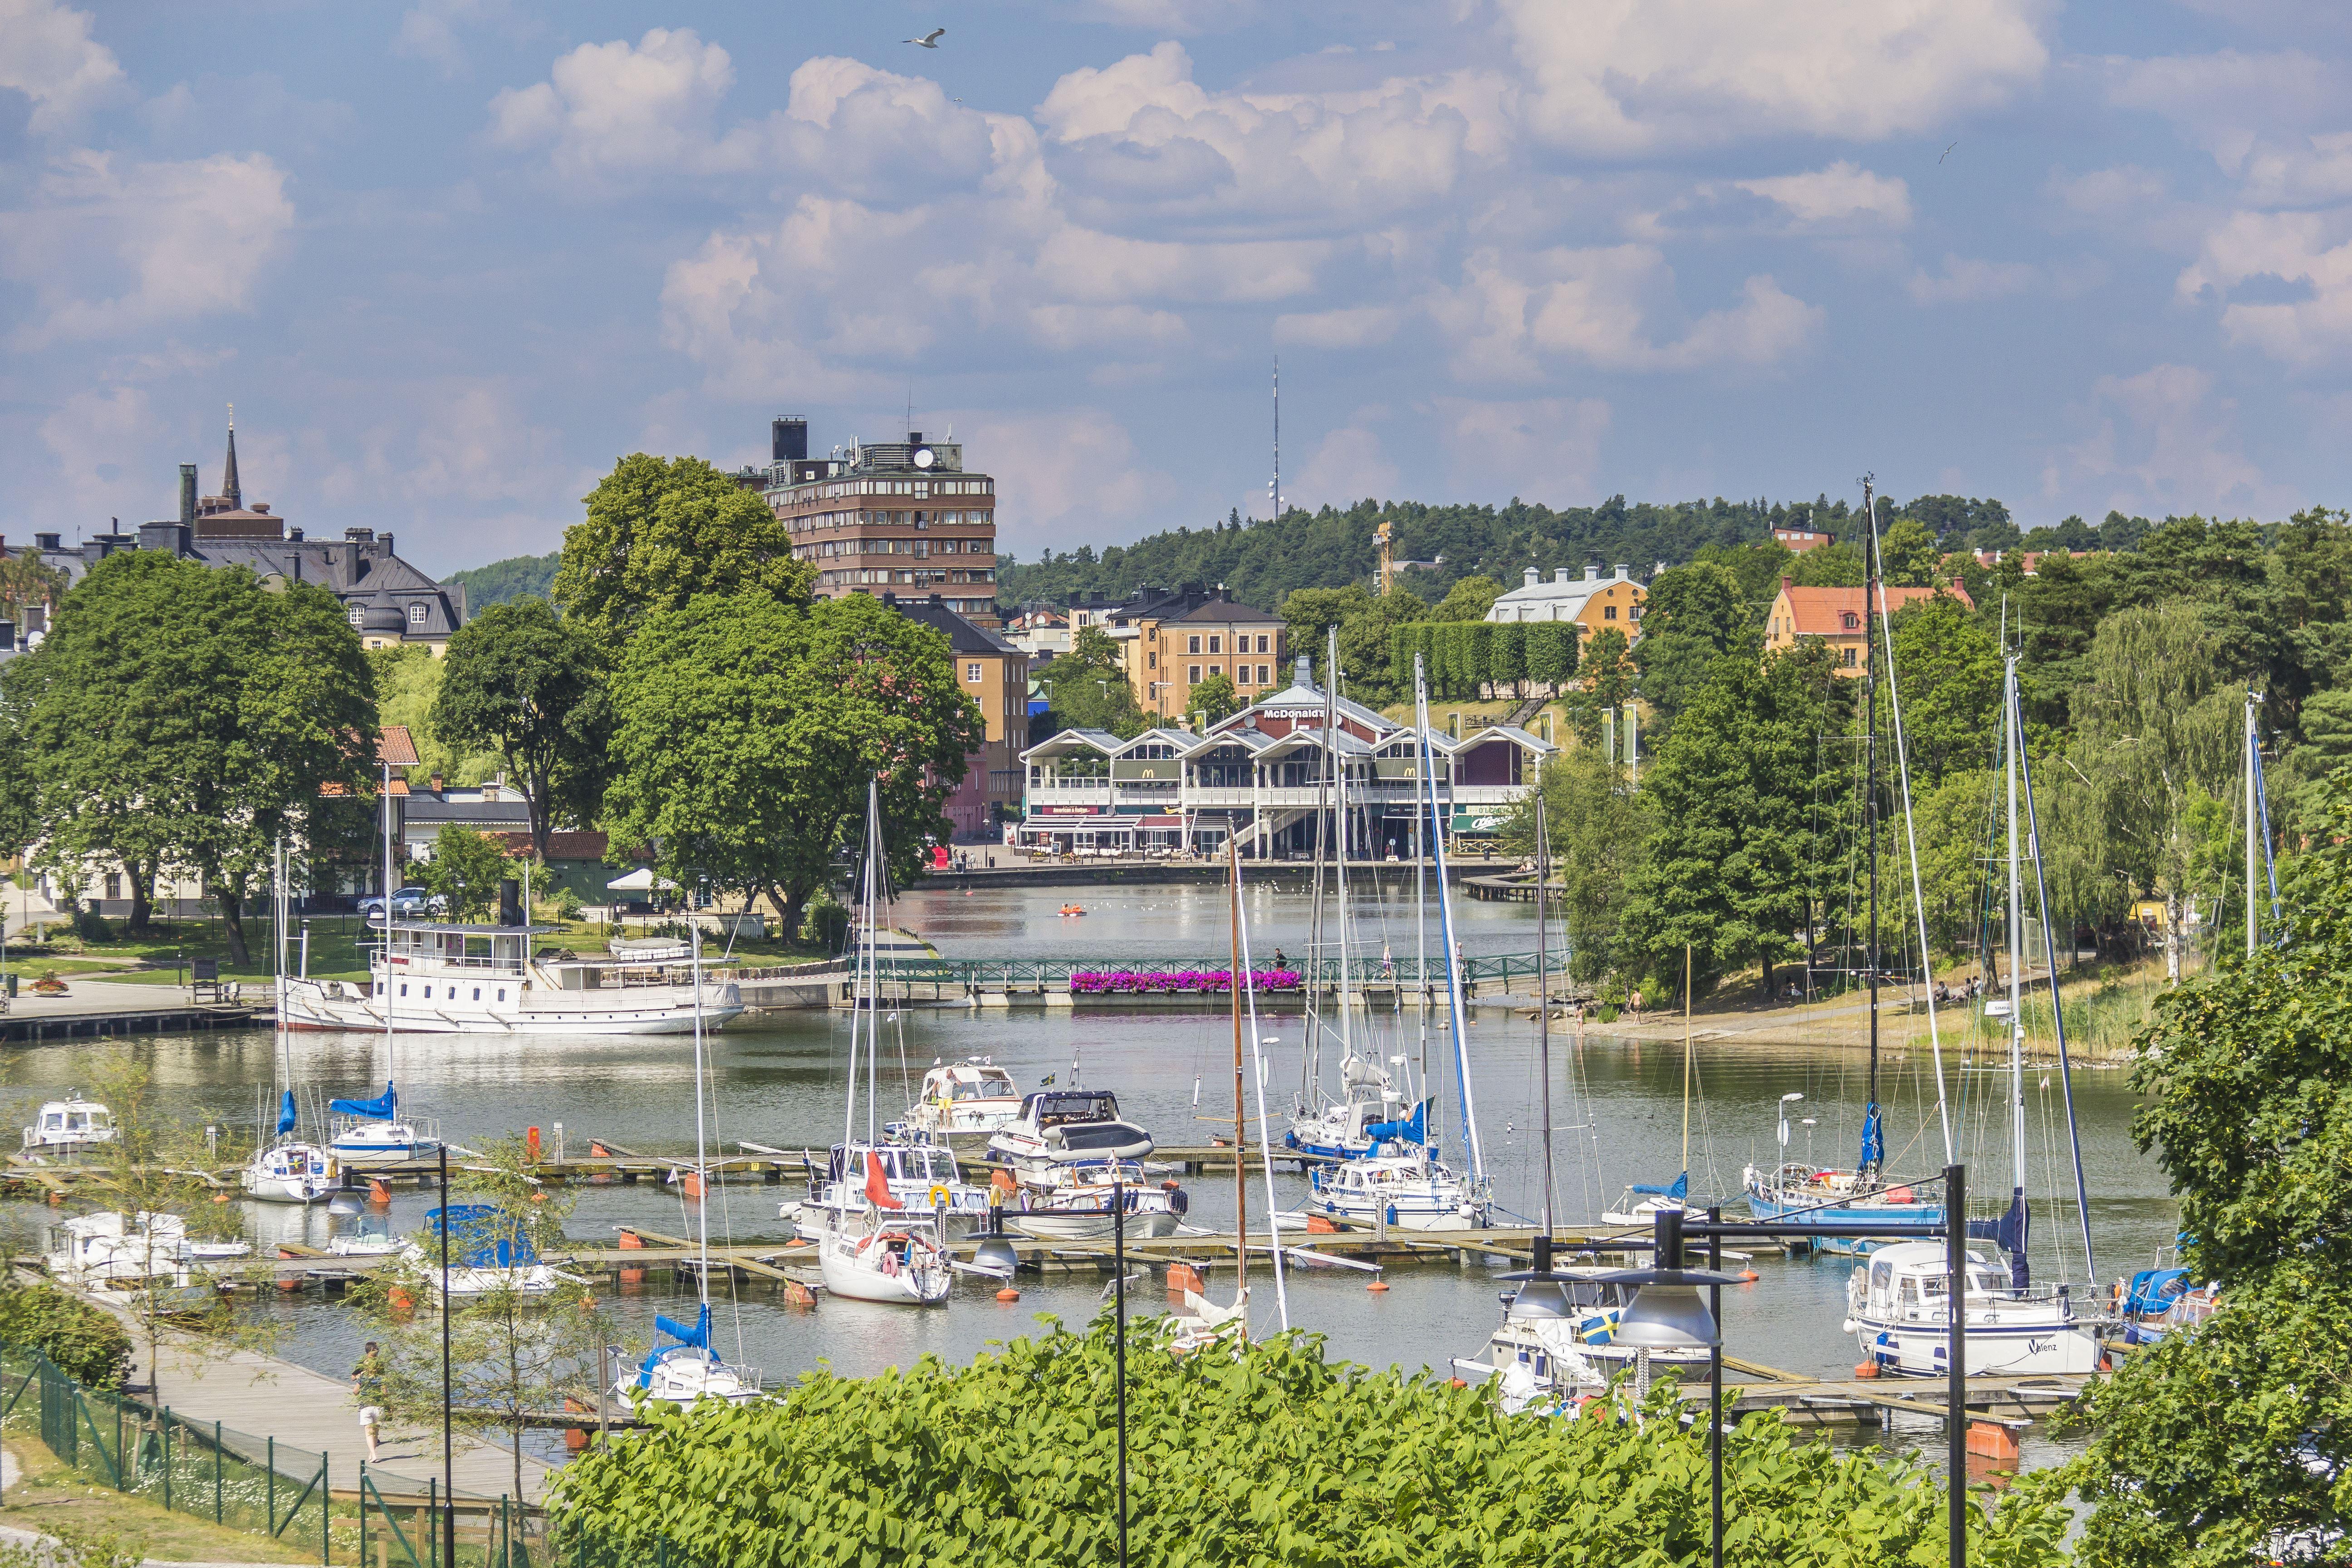 Södertäljevandringar 2019 - Sandviken, Enhörna